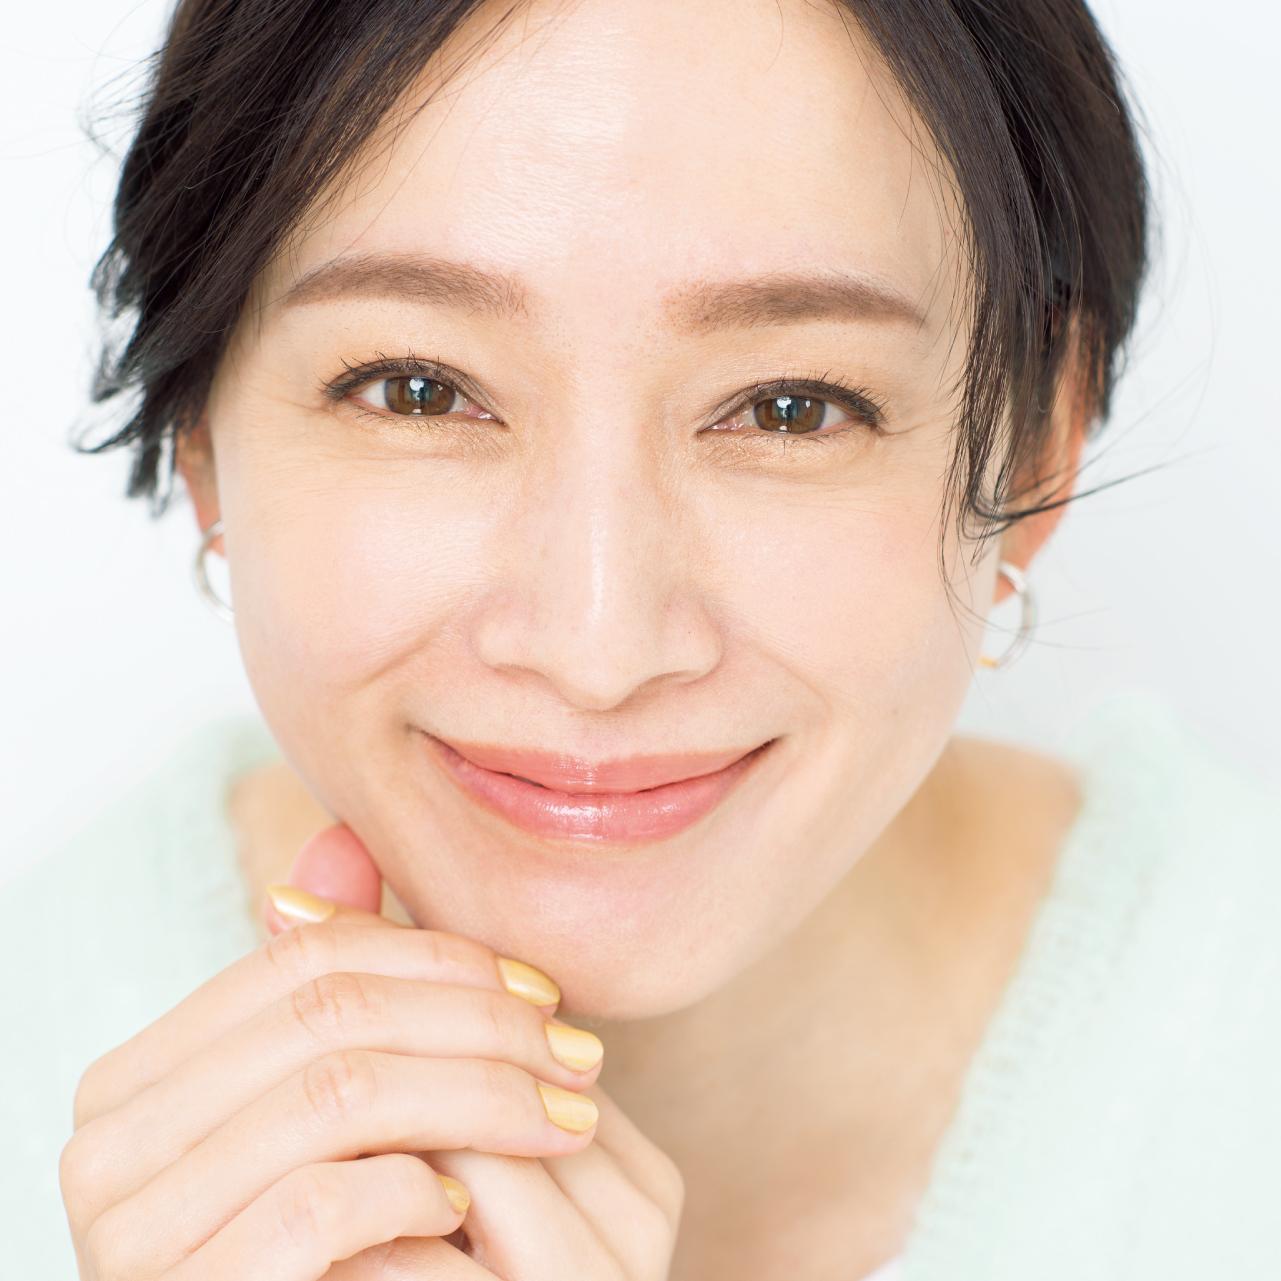 モデル/竹中友紀子さん withマスクで美人な眉は、マスクを外しても素敵!